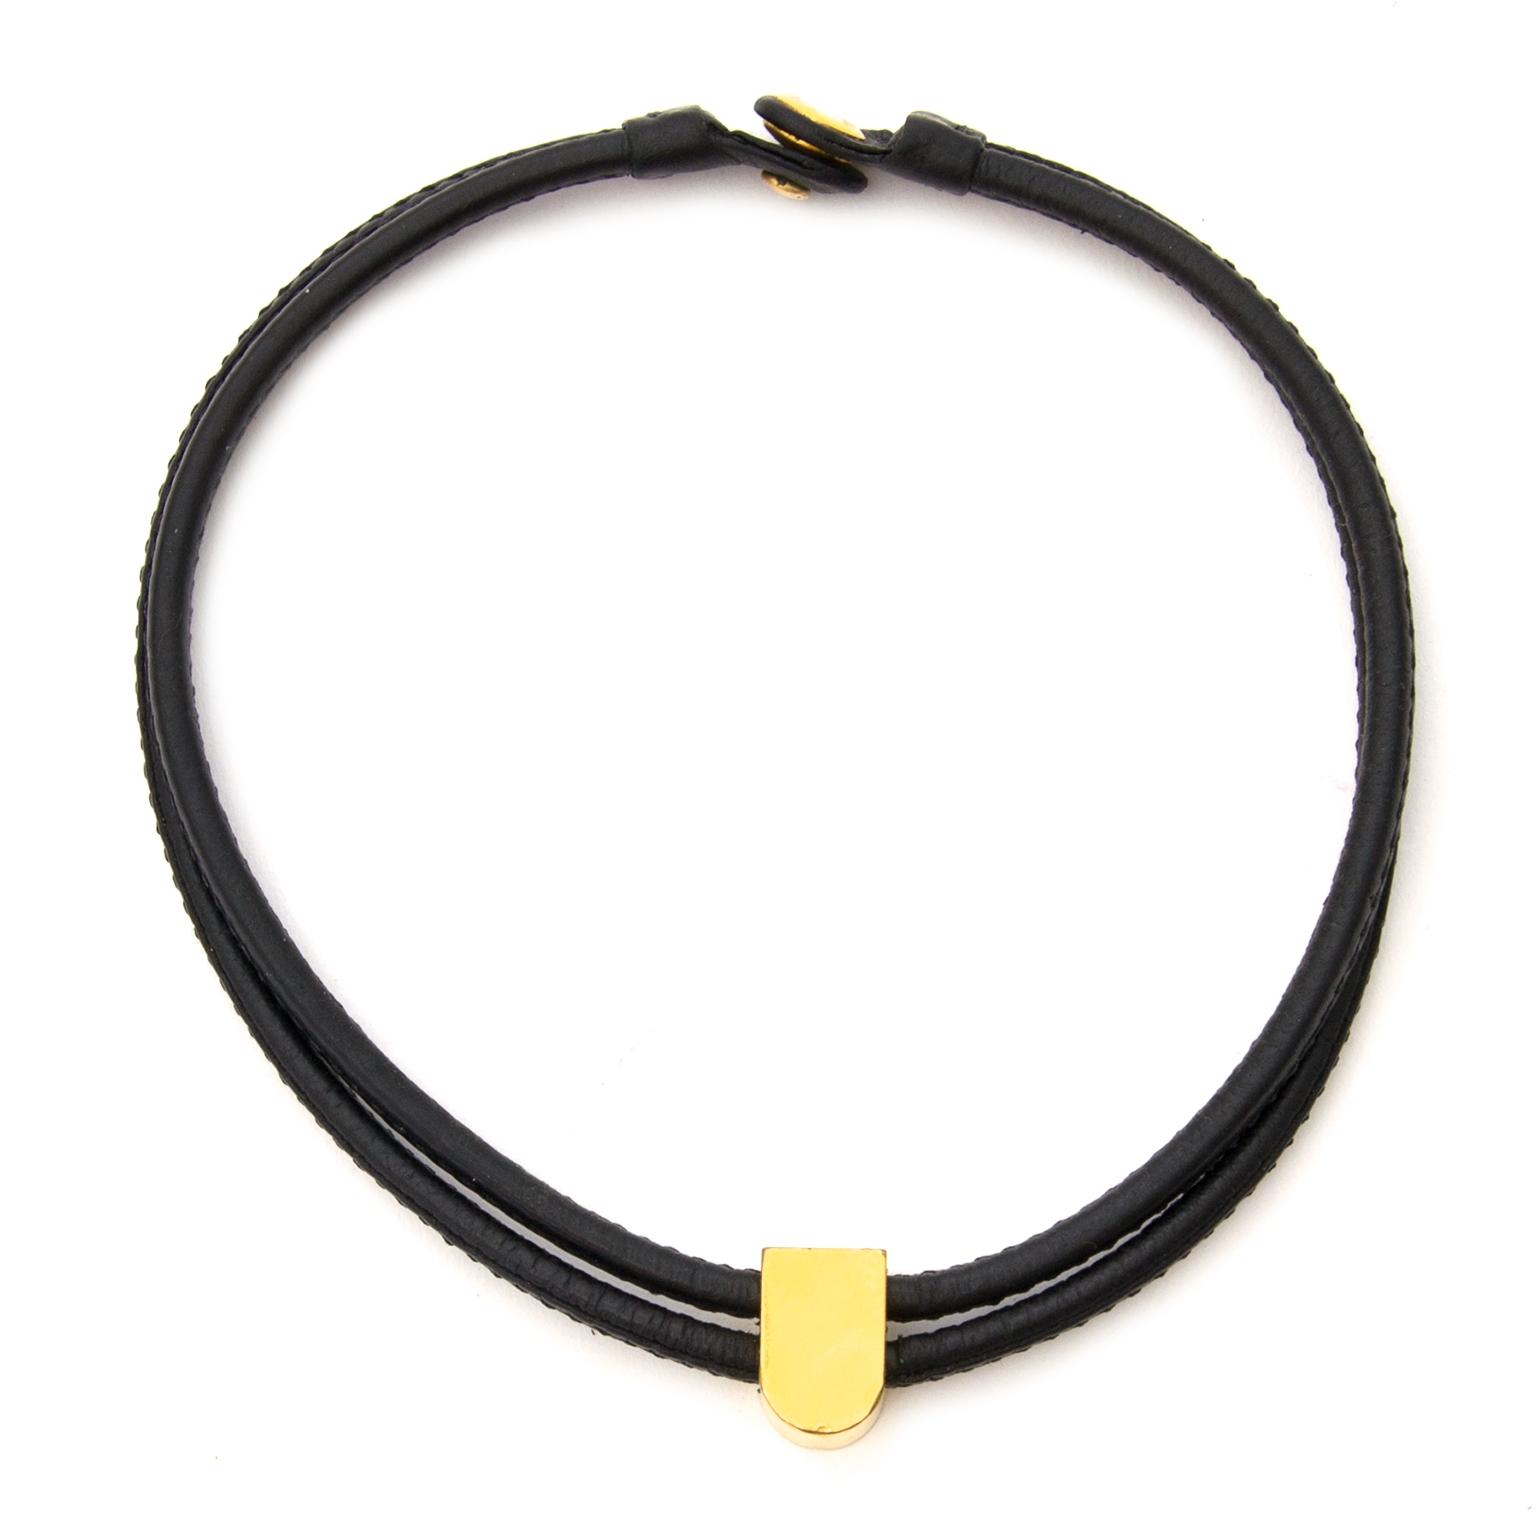 delvaux black d necklace now for sale at labellov vintage fashion webshop belgium